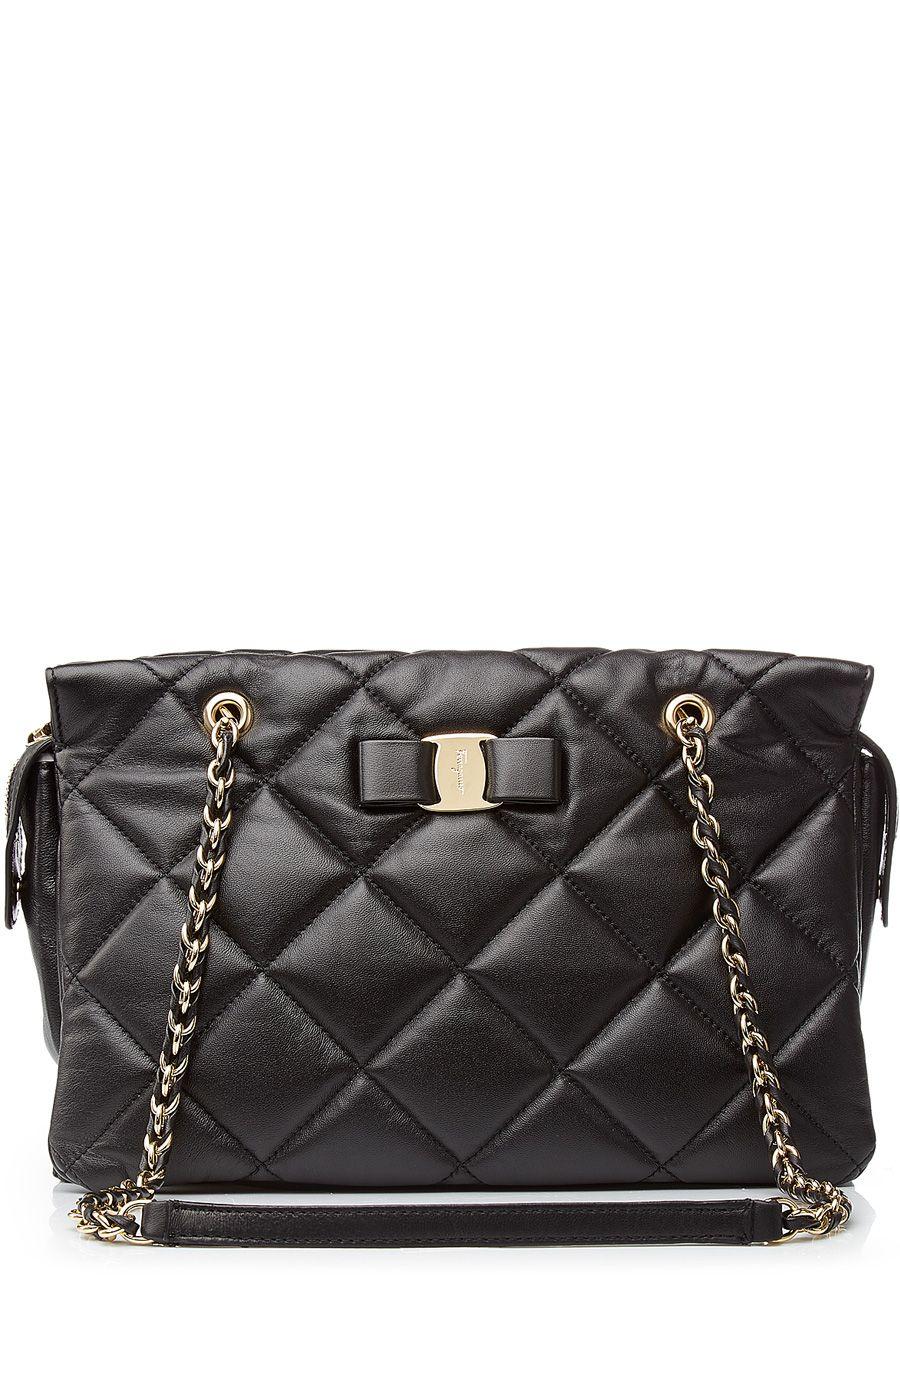 5ff1d680670c SALVATORE FERRAGAMO Medium Ginette Quilted Leather Shoulder Bag.   salvatoreferragamo  bags  shoulder bags  hand bags  leather  lining